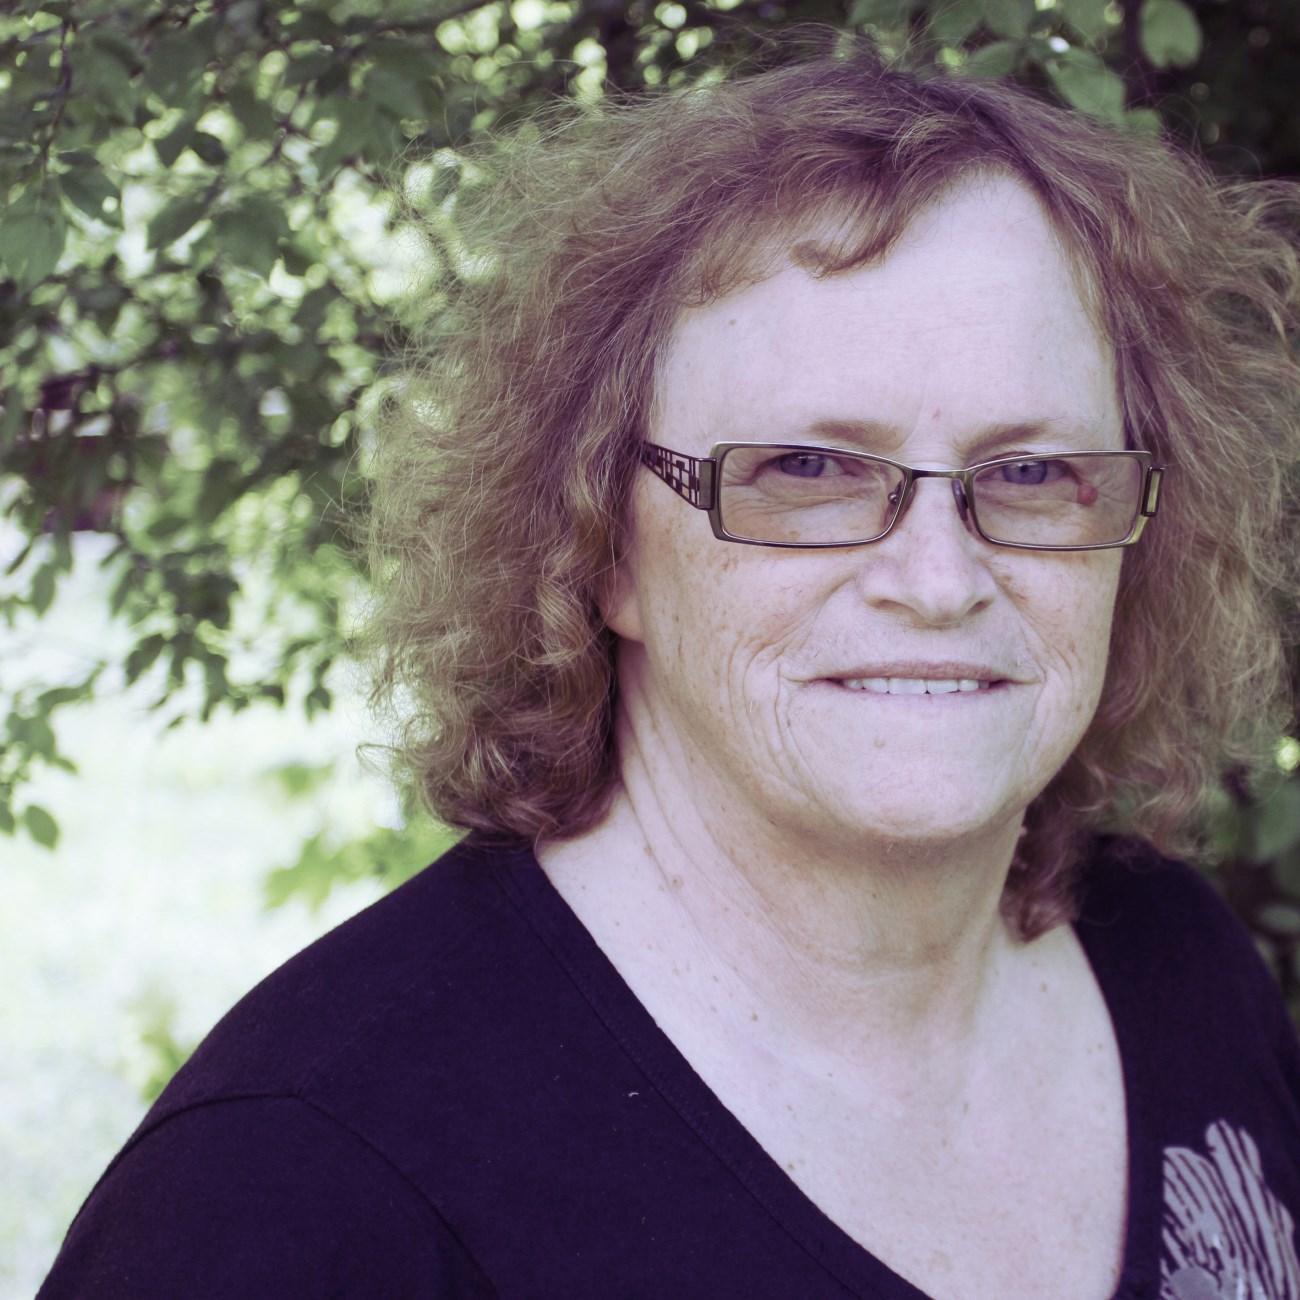 писатель с аутизмом Ирис Юханссон выступила в Москве